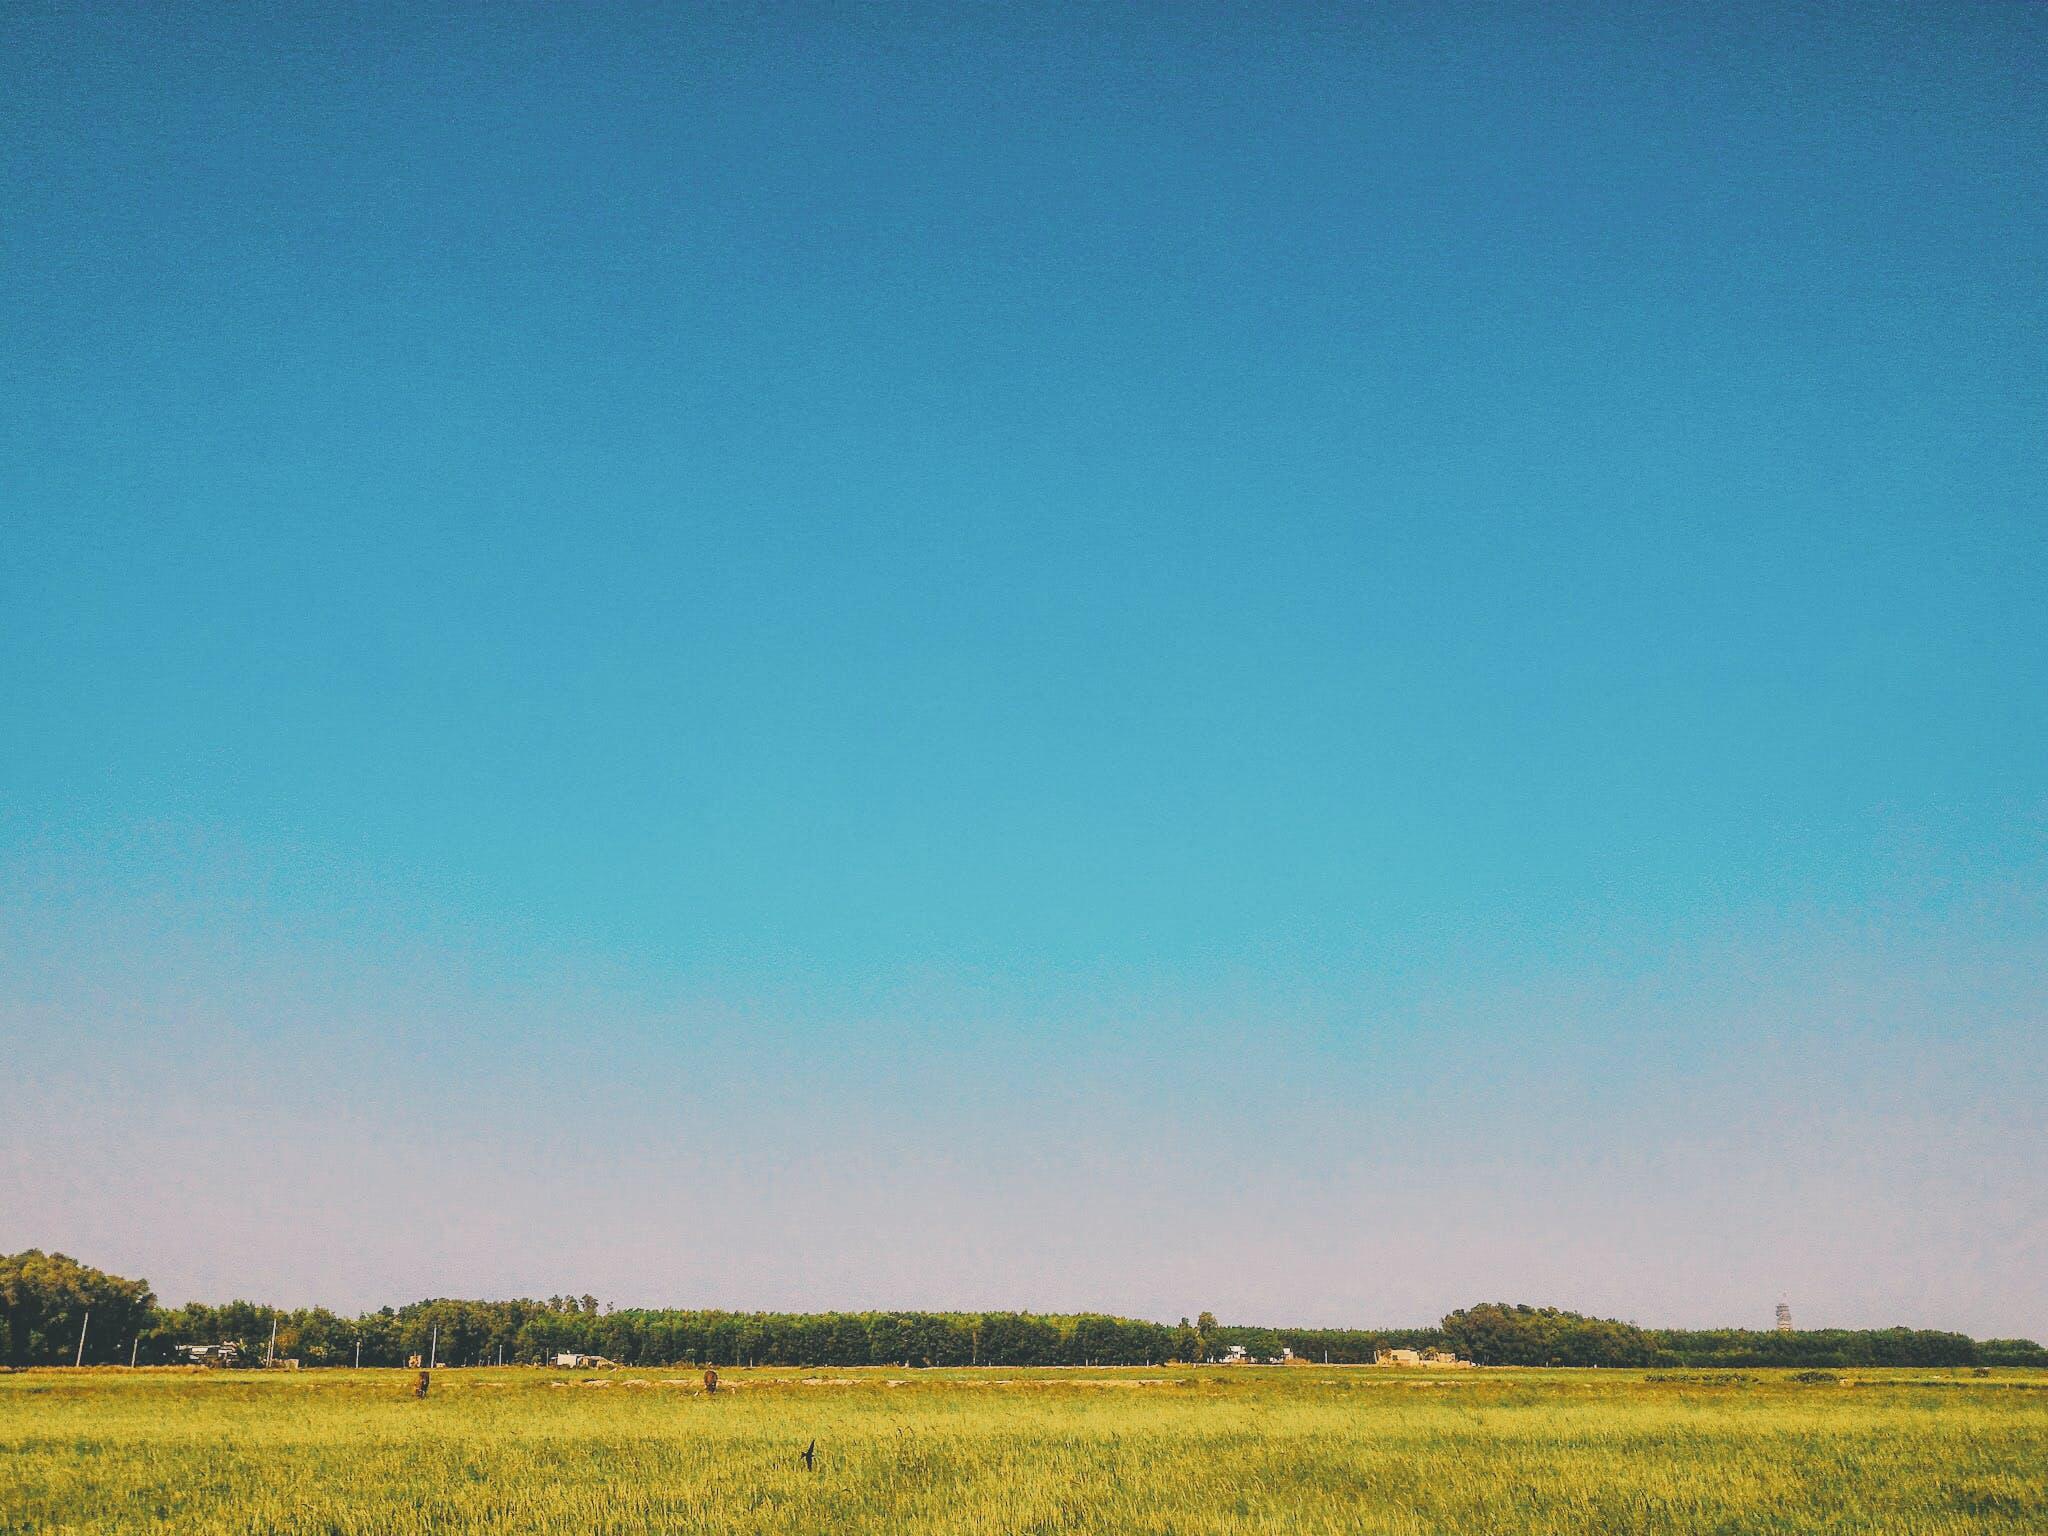 Gratis arkivbilde med åker, dagslys, dyrket jord, gård